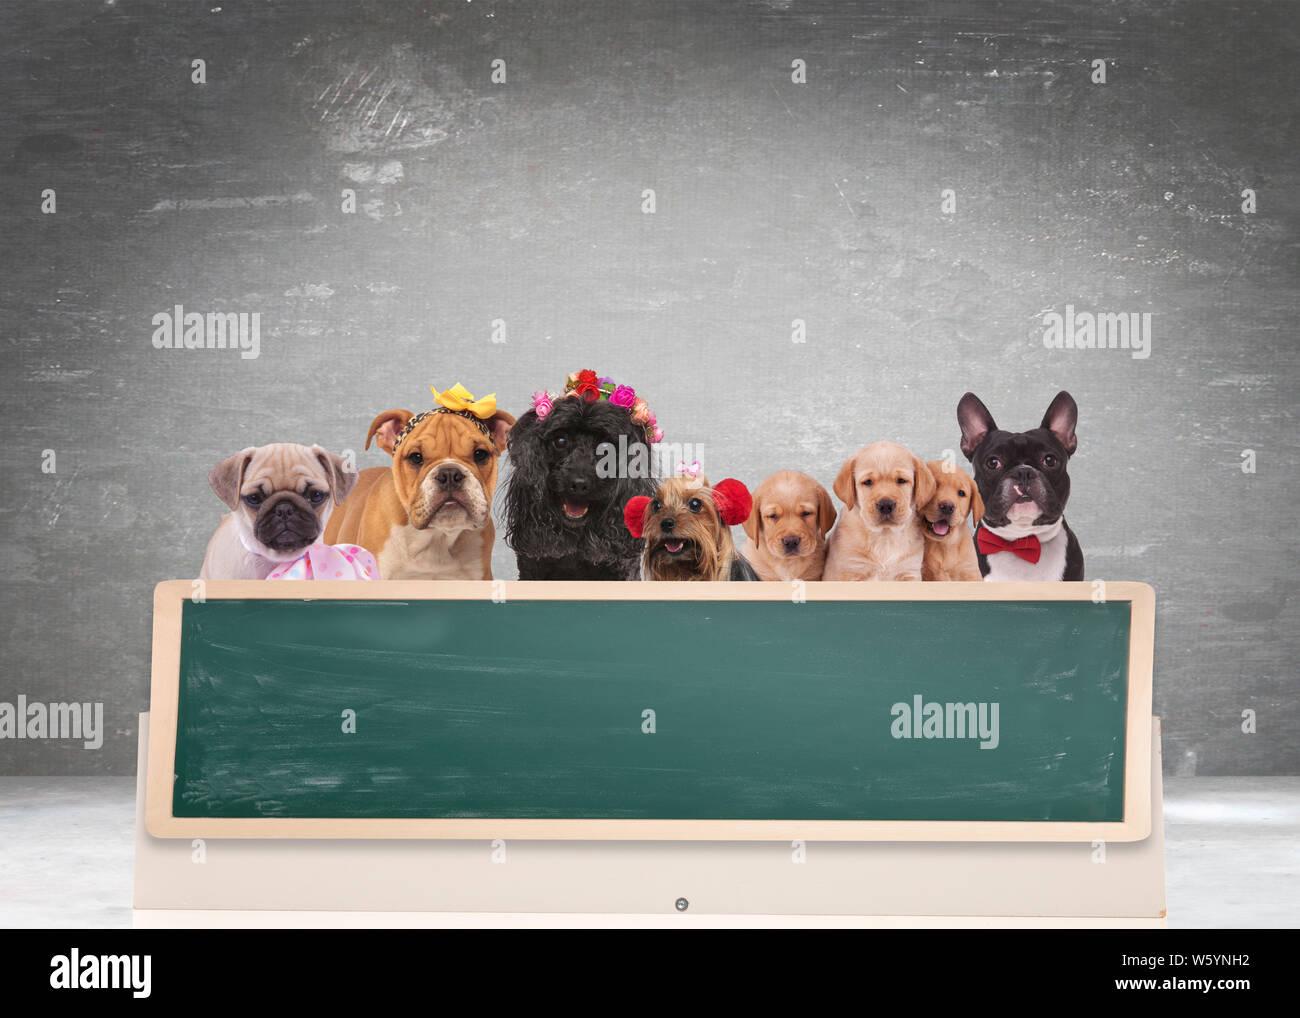 Équipe de cute chiens derrière de gros tableau noir contre blanc fond gris Banque D'Images